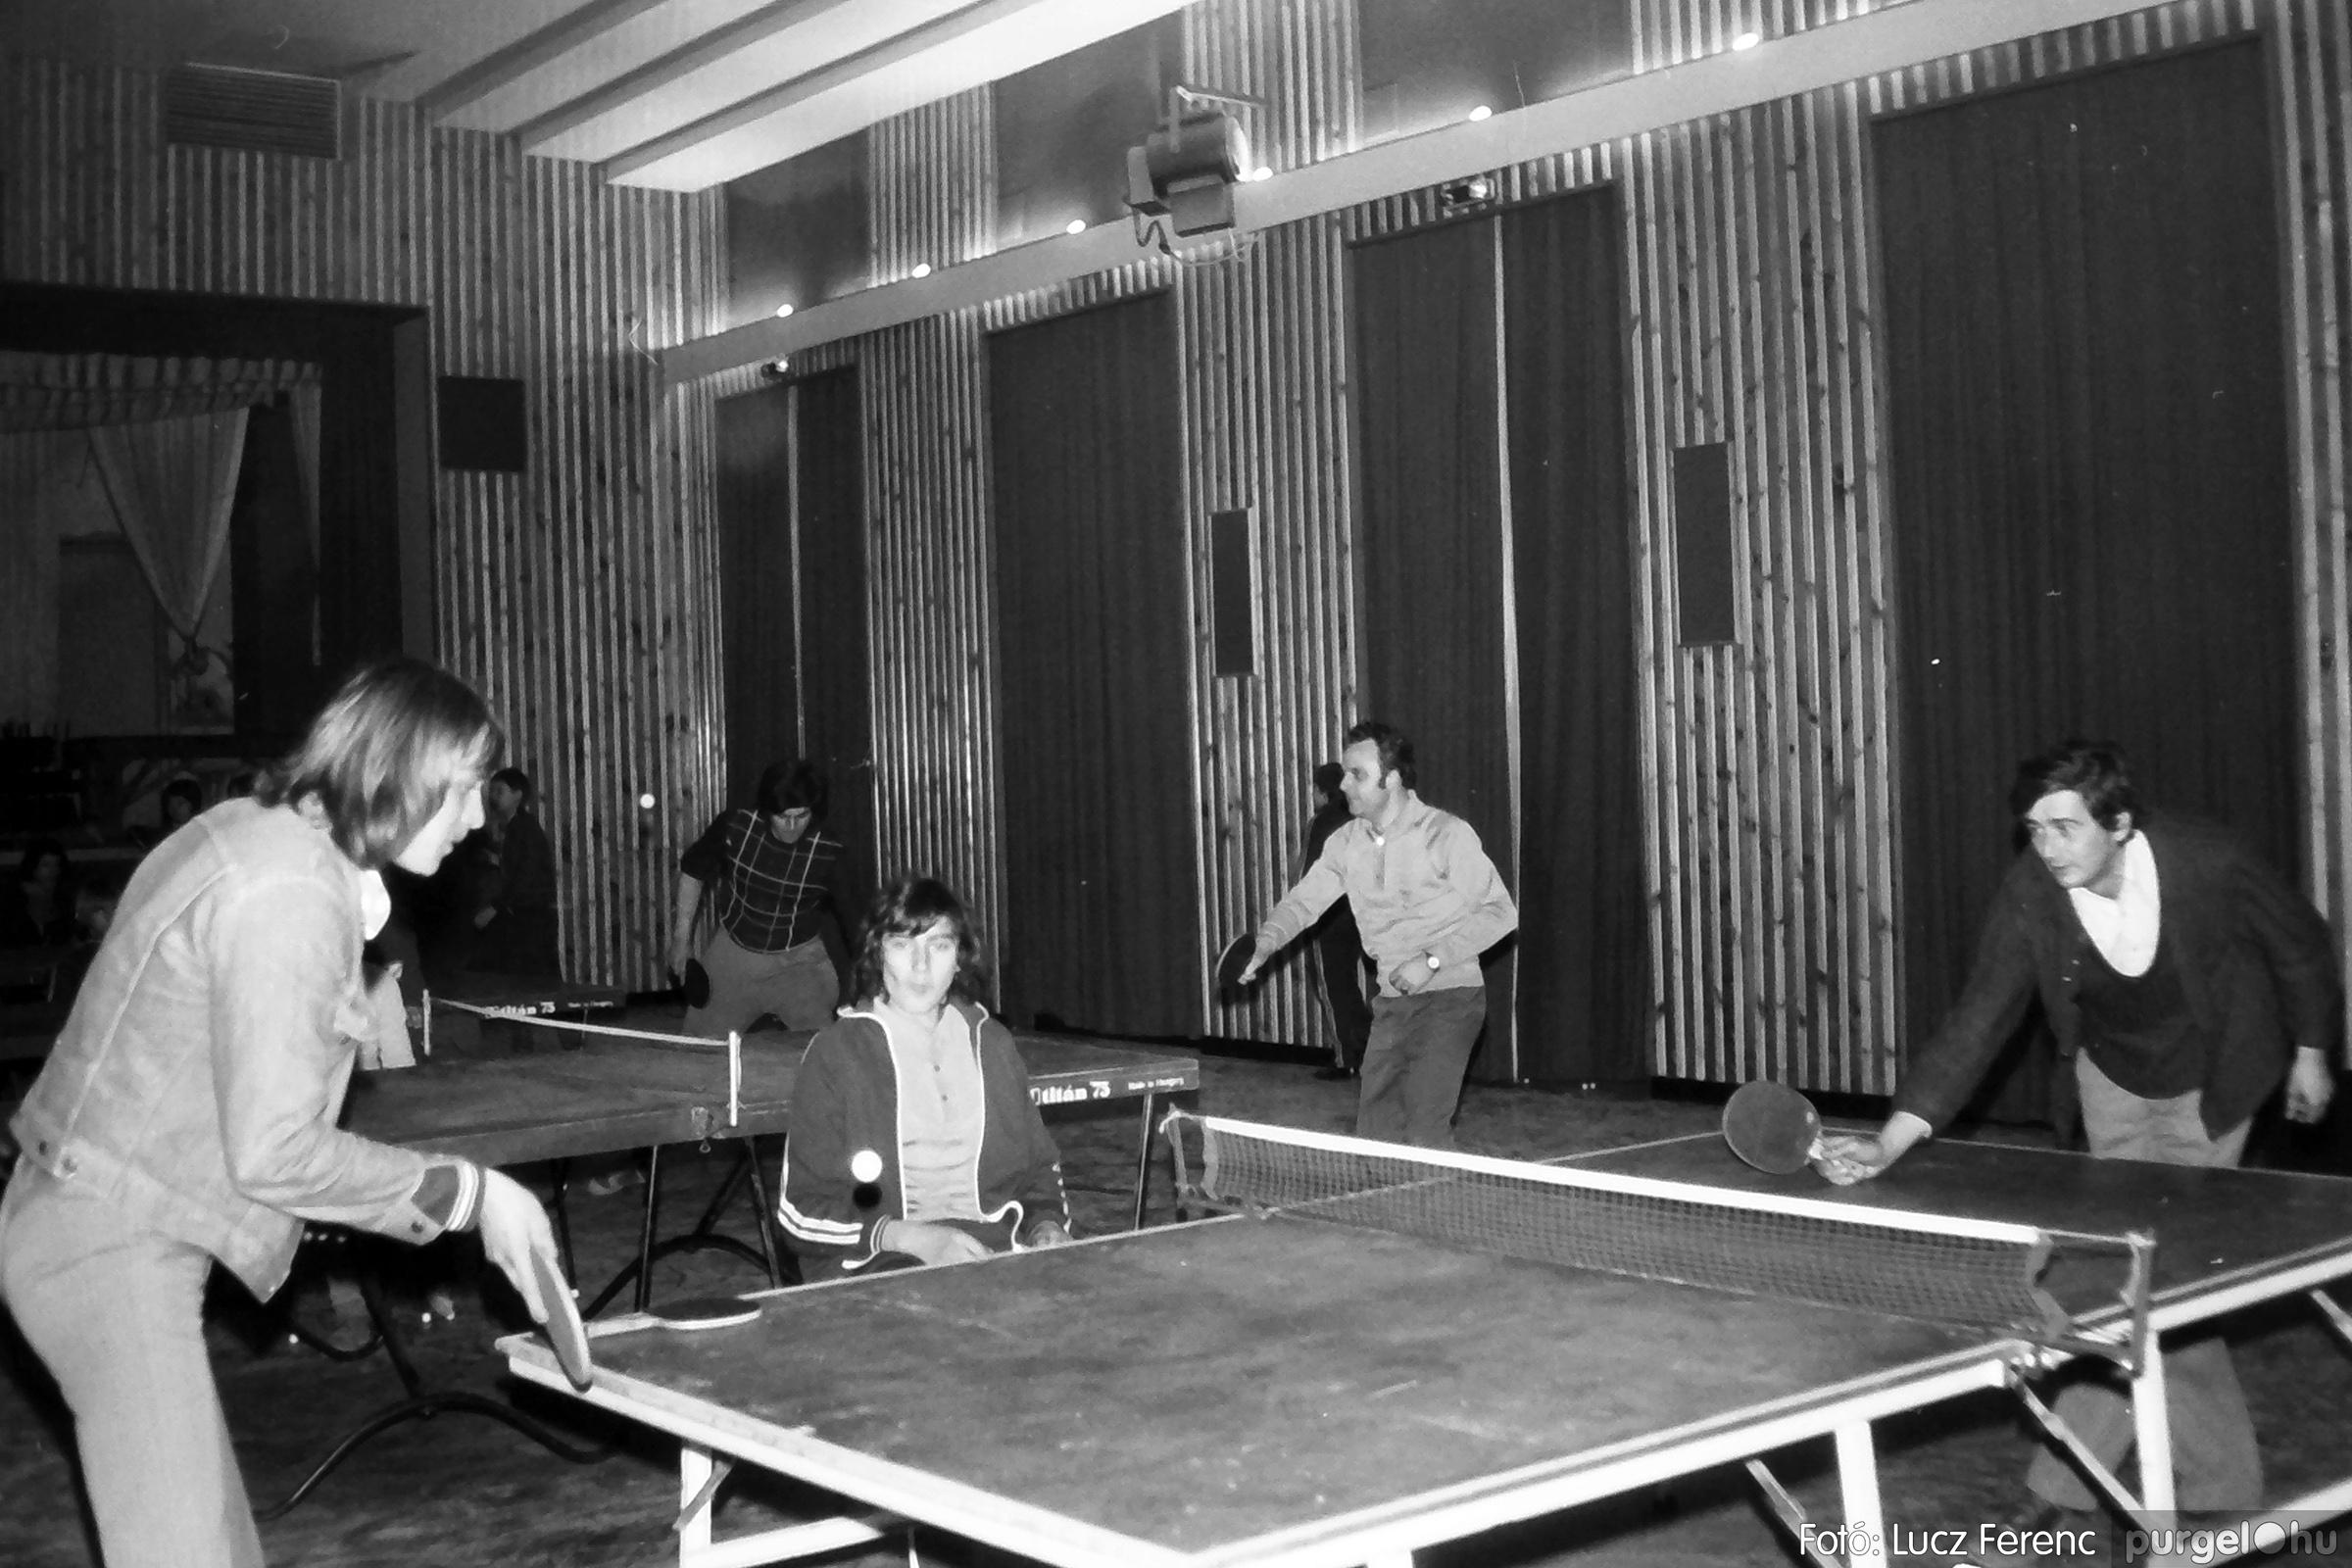 073. 1977. Asztaltenisz verseny 006. - Fotó: Lucz Ferenc.jpg